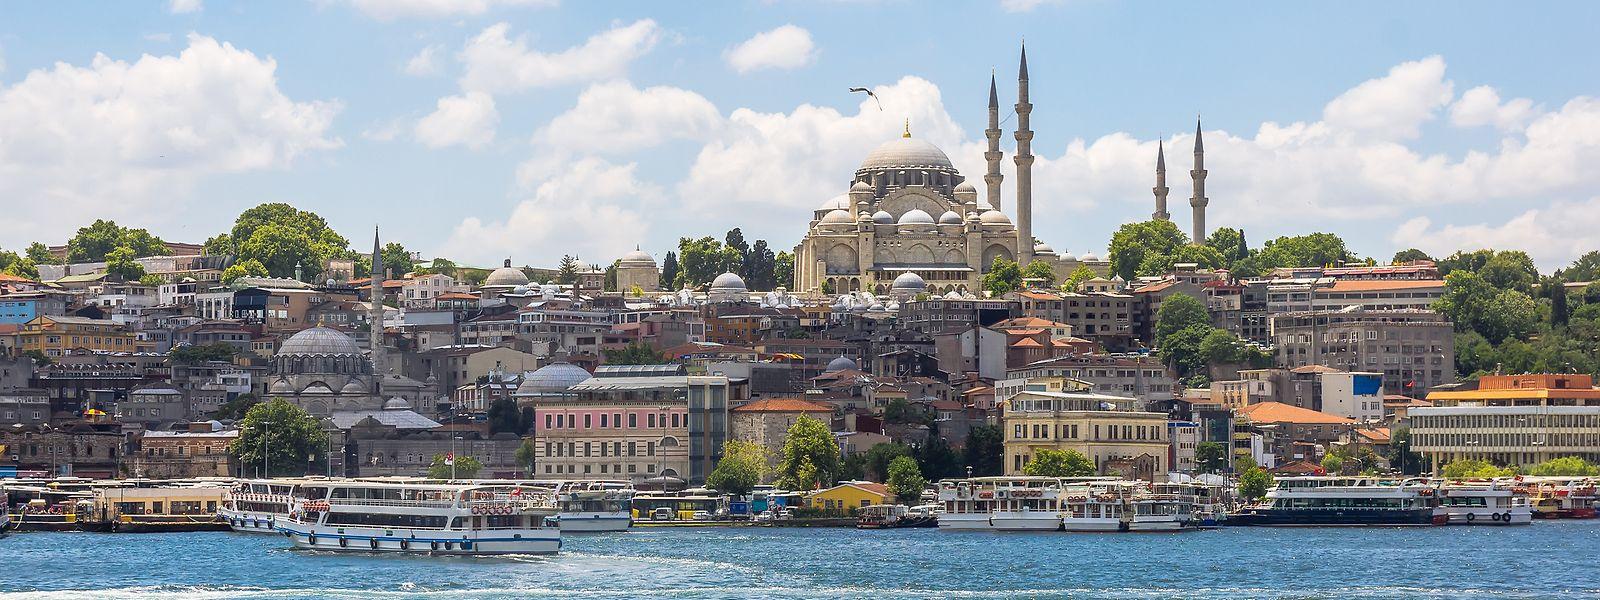 Blick auf die Altstadt der Metropole am Bosporus.